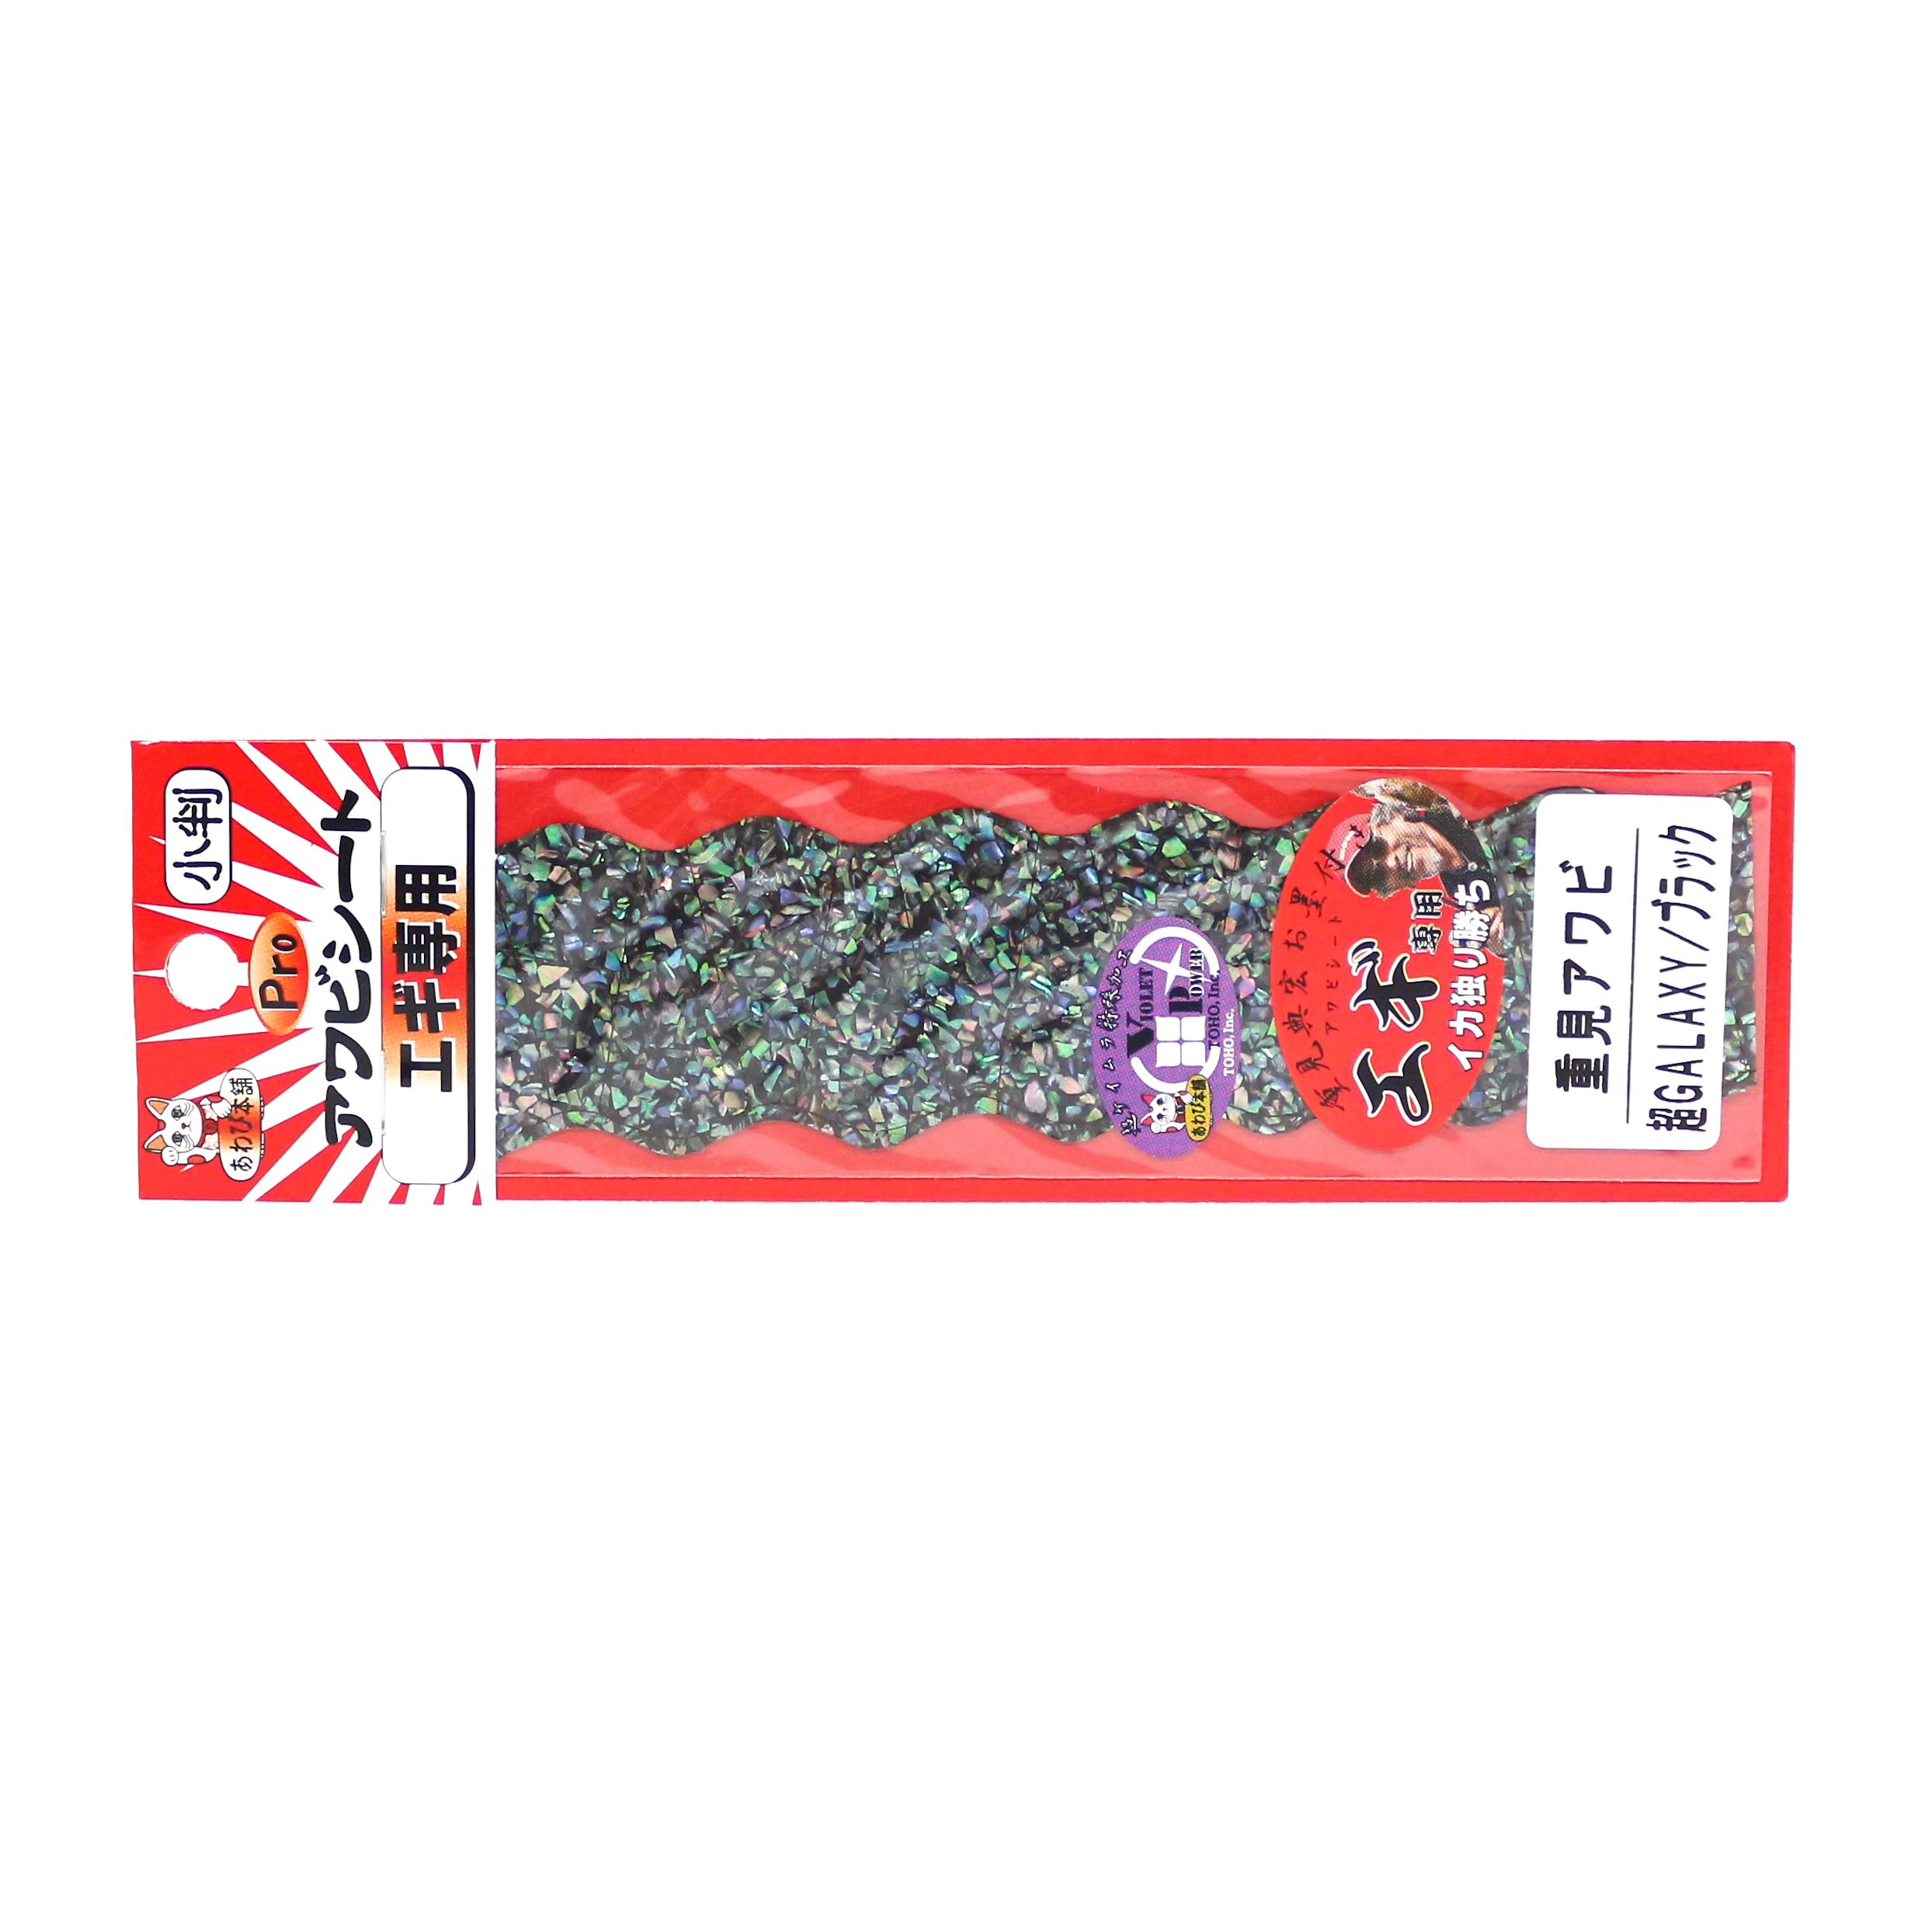 Awabi Honpo Pro Awabi Sheet Shigemi Size S 40 x 140 mm Galaxy/Black (3139)